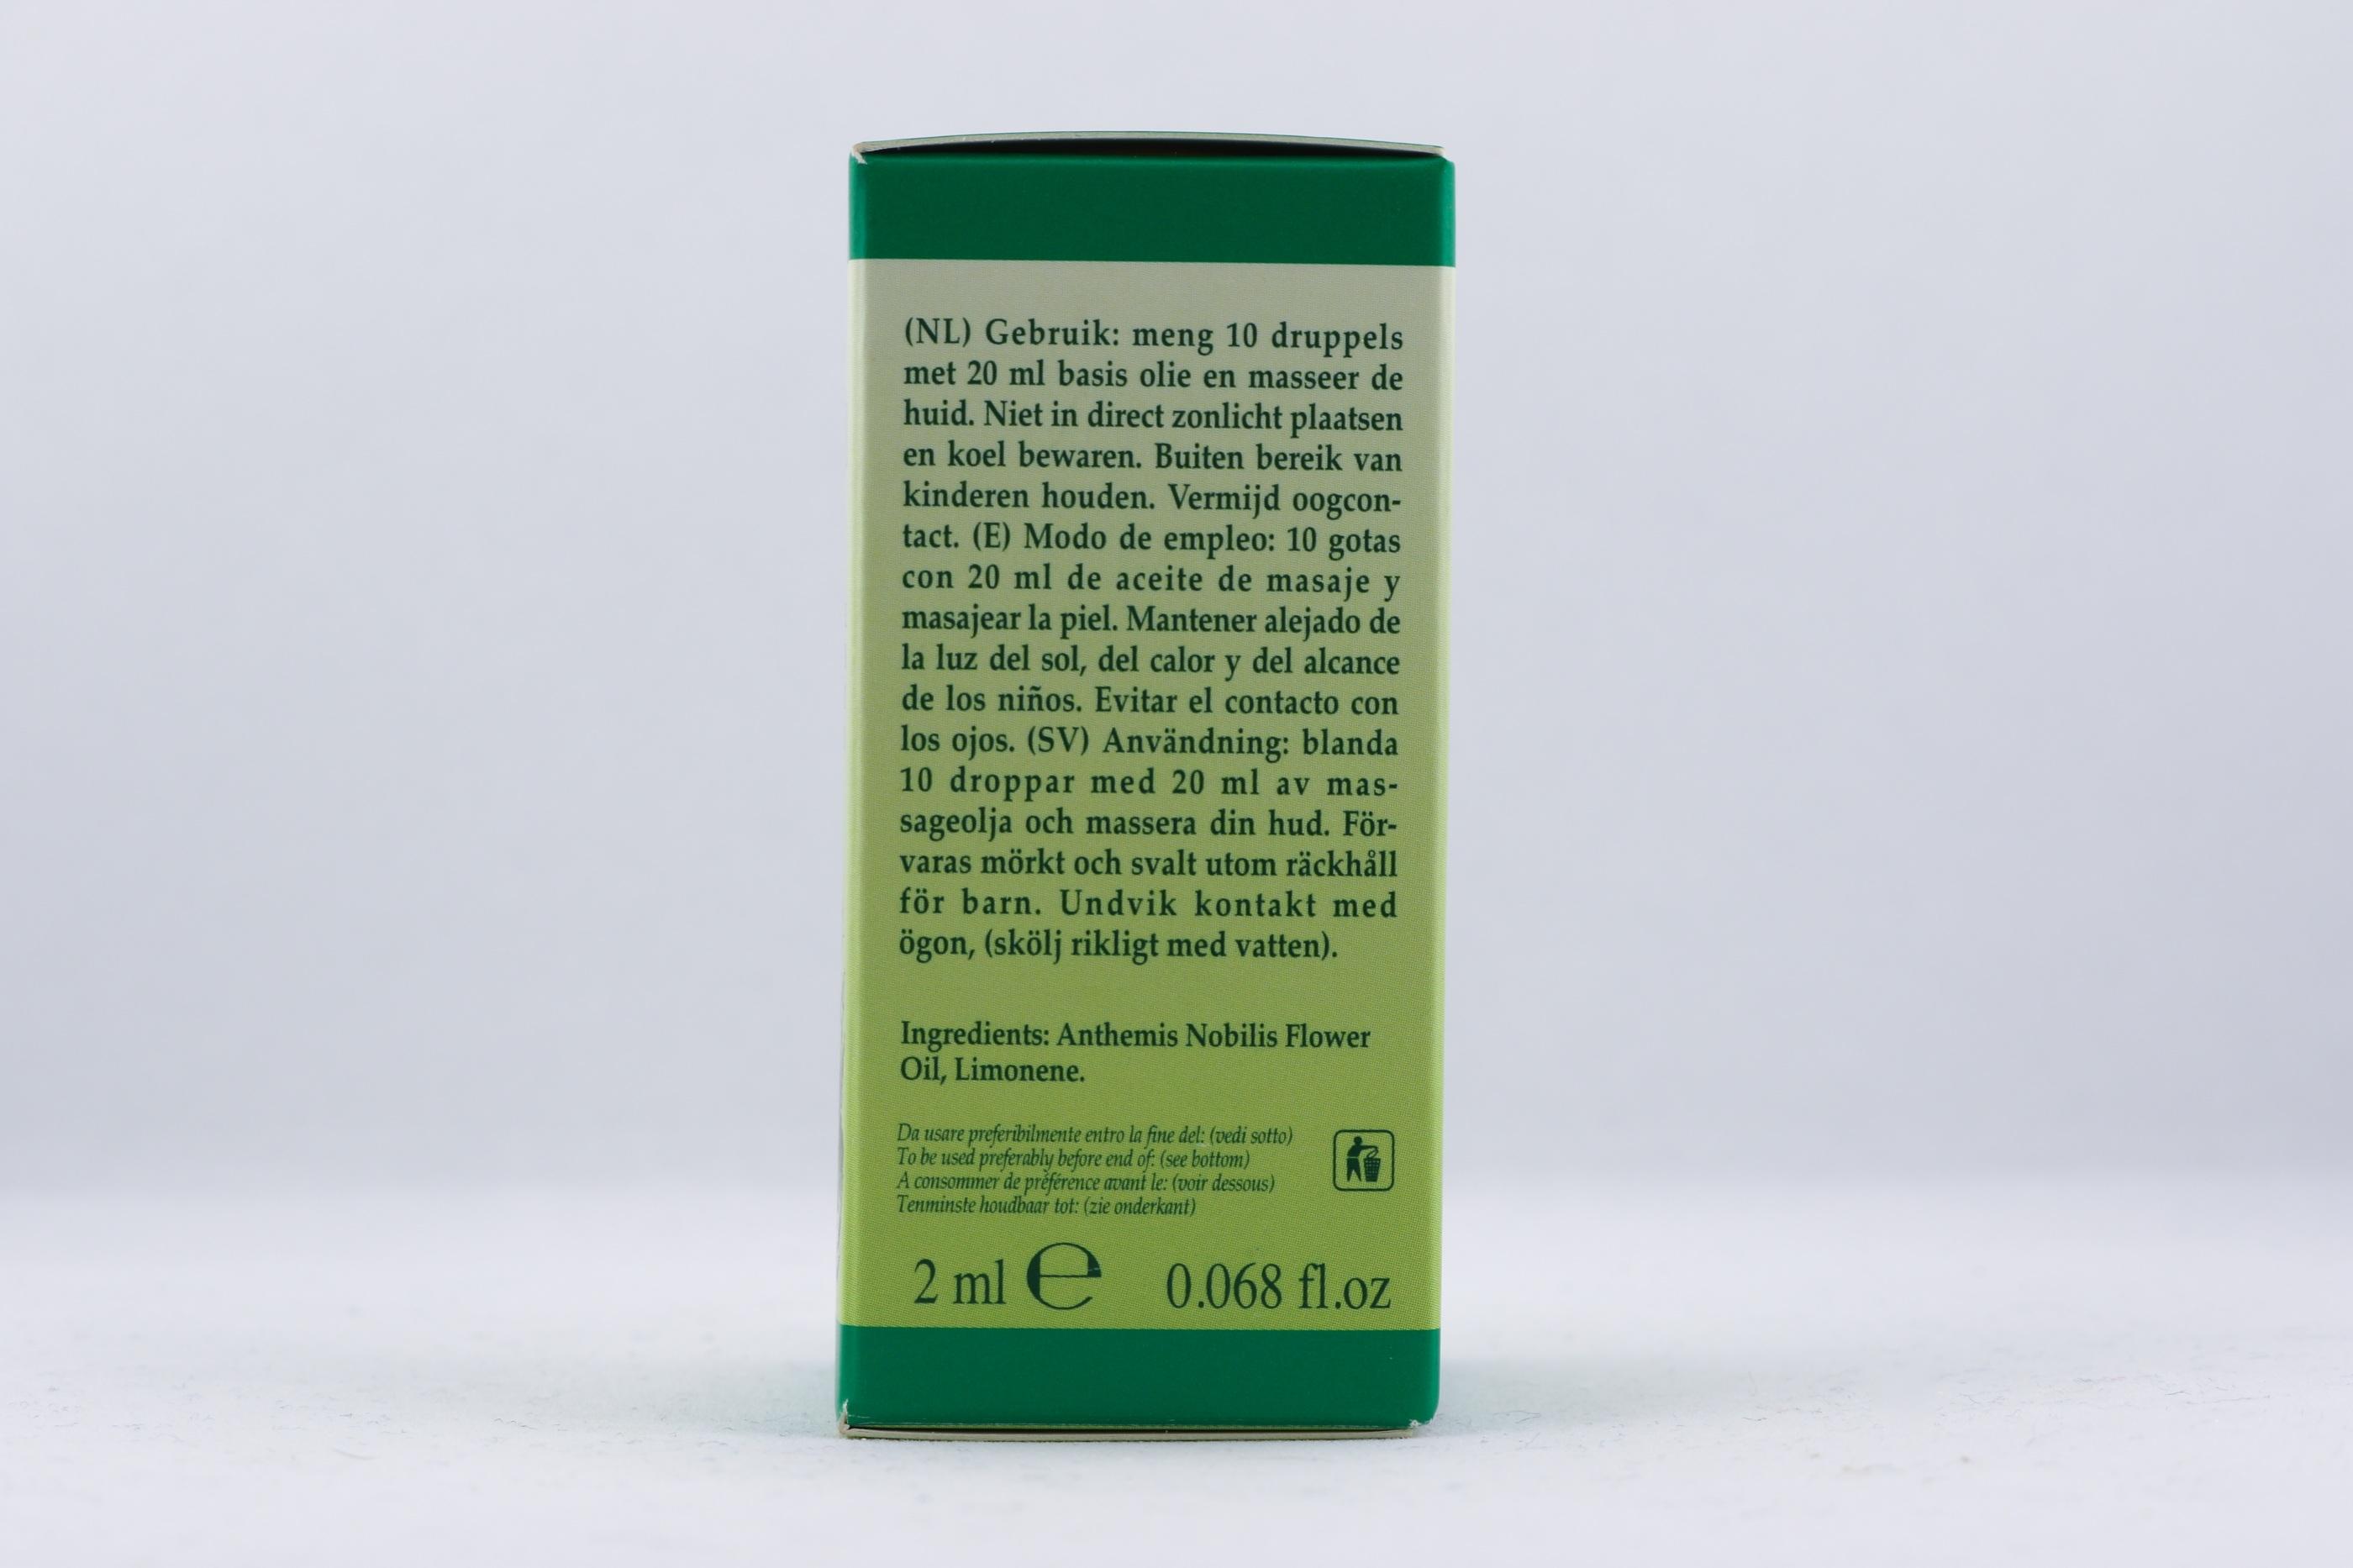 Kamomill wellness ayurveda halmstad sweden svensk eterisk aroma olja